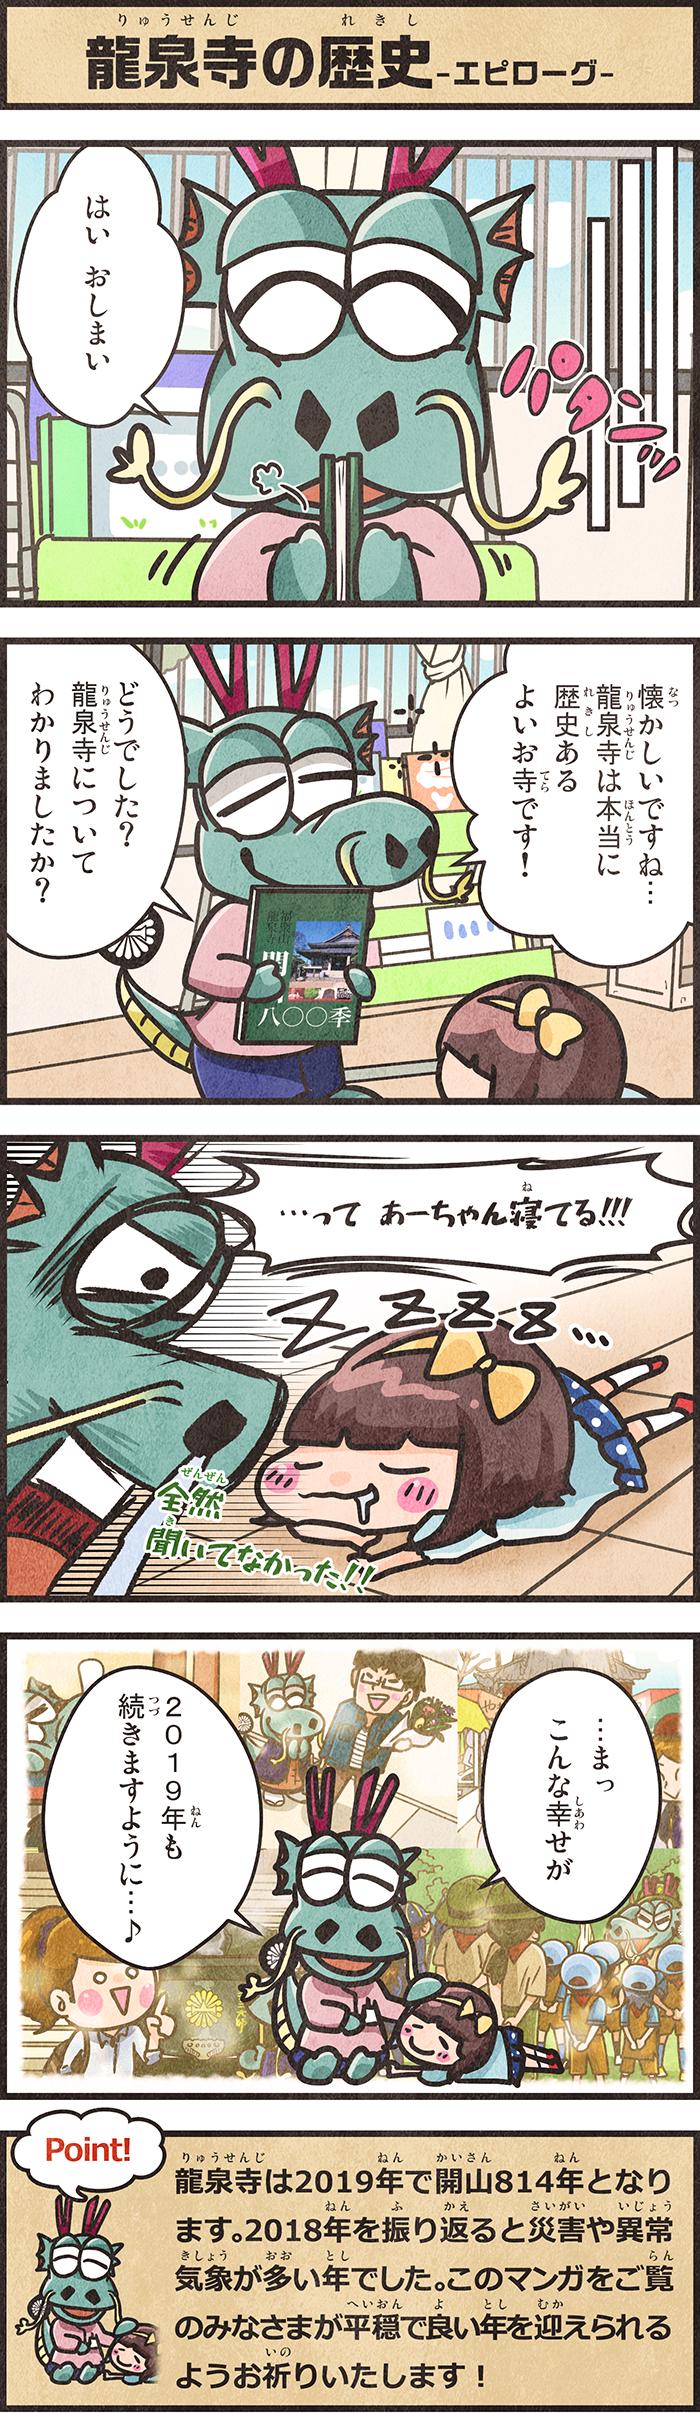 181129_kotatsu_4koma_36